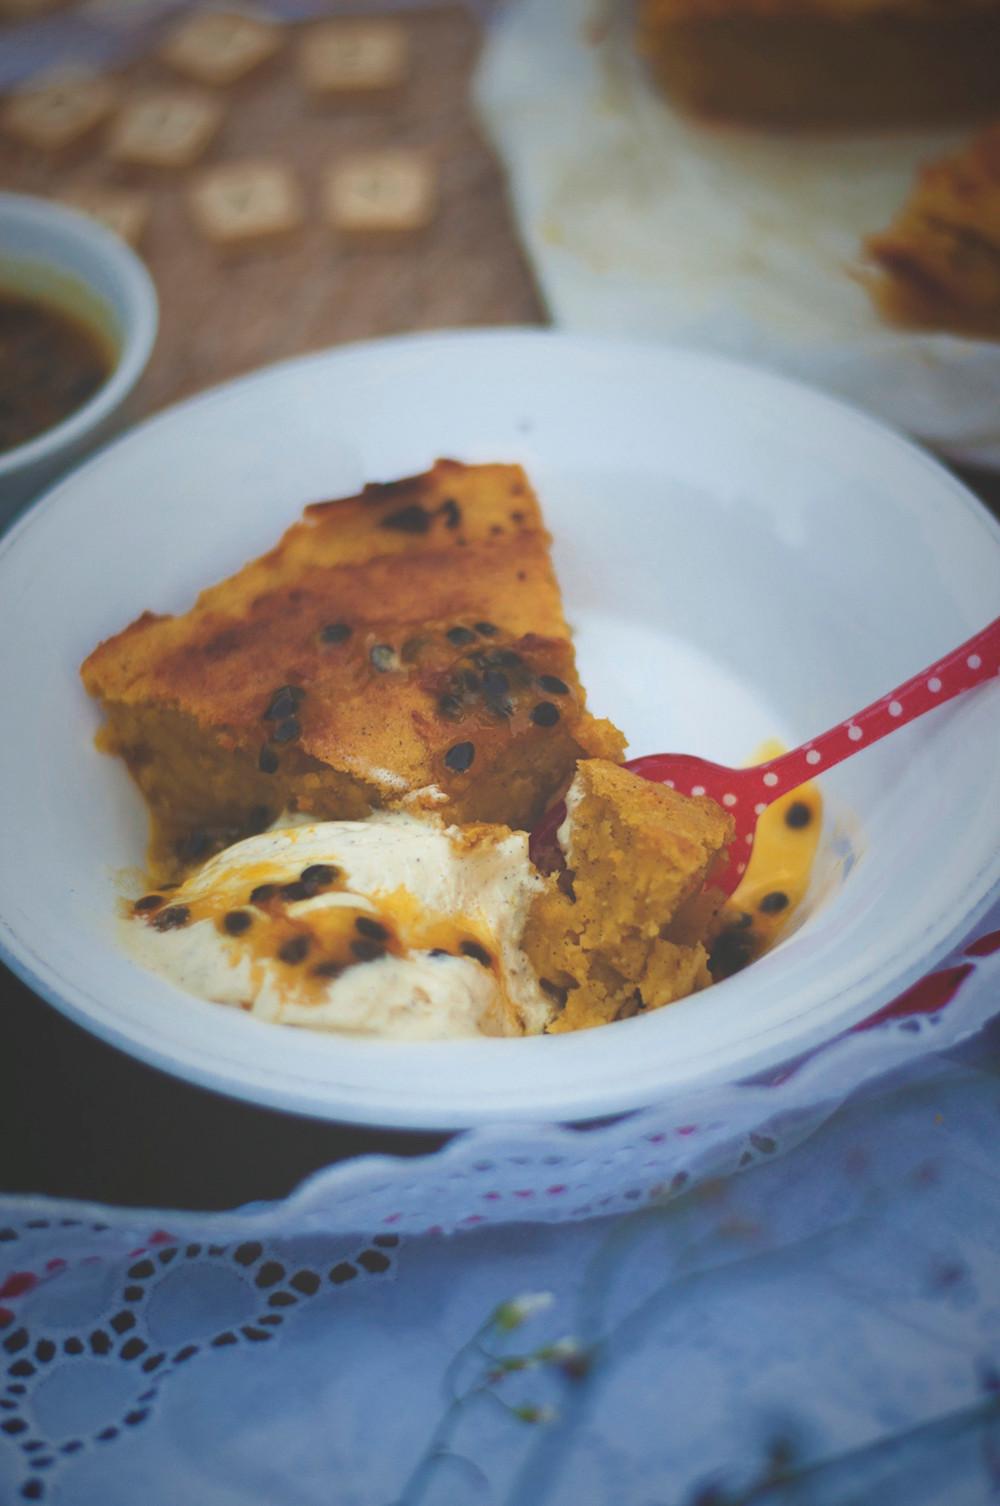 Gâteau de Patate douce au coulis de fruits de la passion